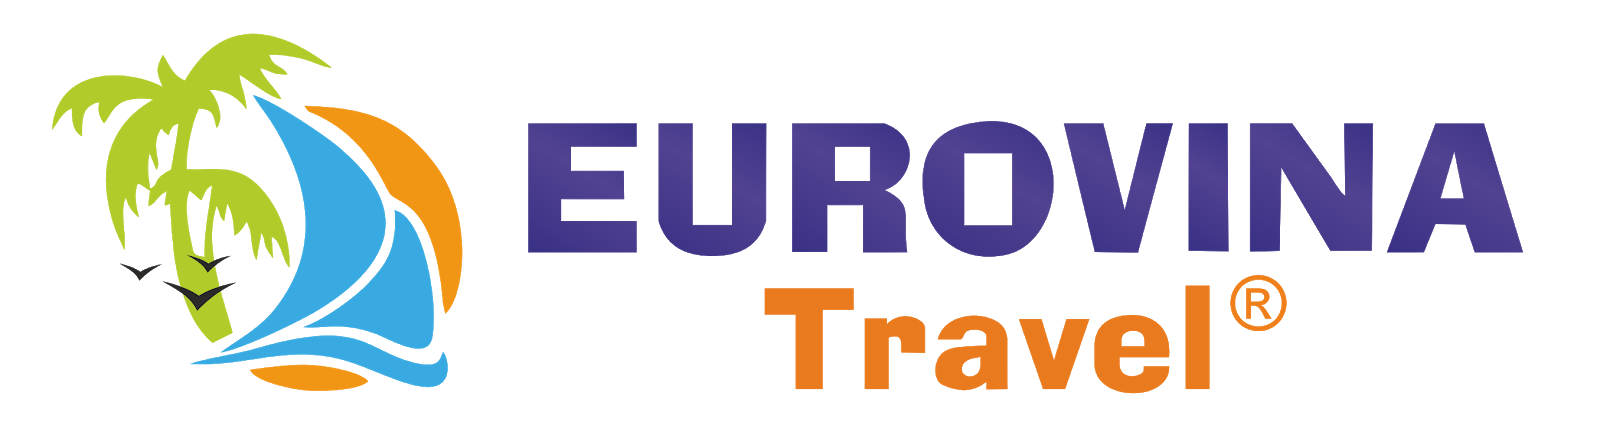 Du Lịch Châu Âu - Dịch vụ tour du lịch Châu Âu: SUPER 3 TRONG 1 -  KHÁM PHÁ AEU -DUBAI - ABUDHABI 10.3.-14.3.2019 5 NGÀY 4 ĐÊM